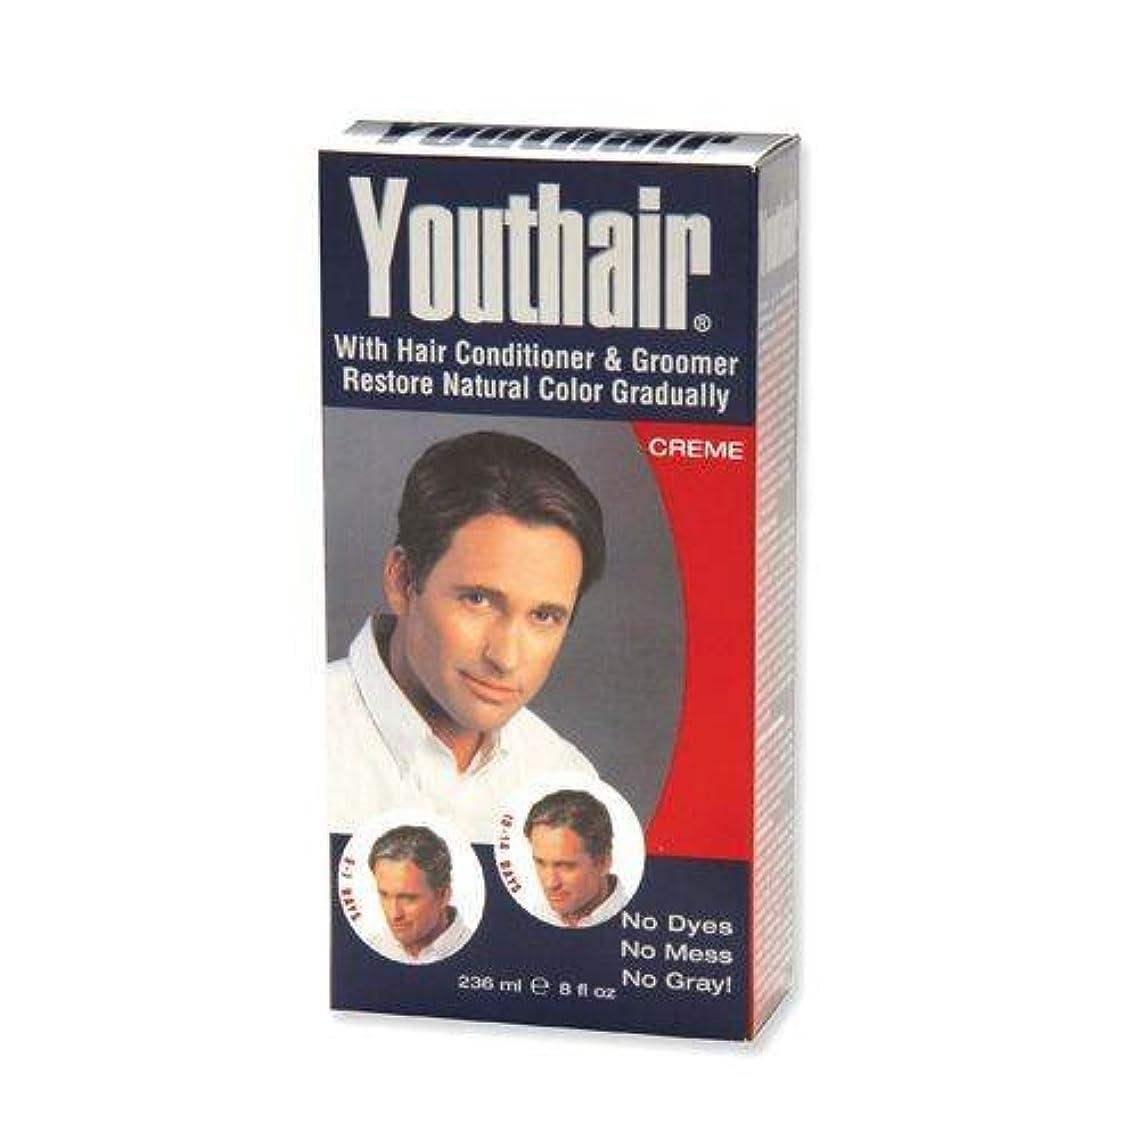 武器麻痺させる知覚的YOUTHAIR Creme for Men with Hair Conditioner & Groomer Restore Natural Color Gradually 8oz/236ml by Youthair